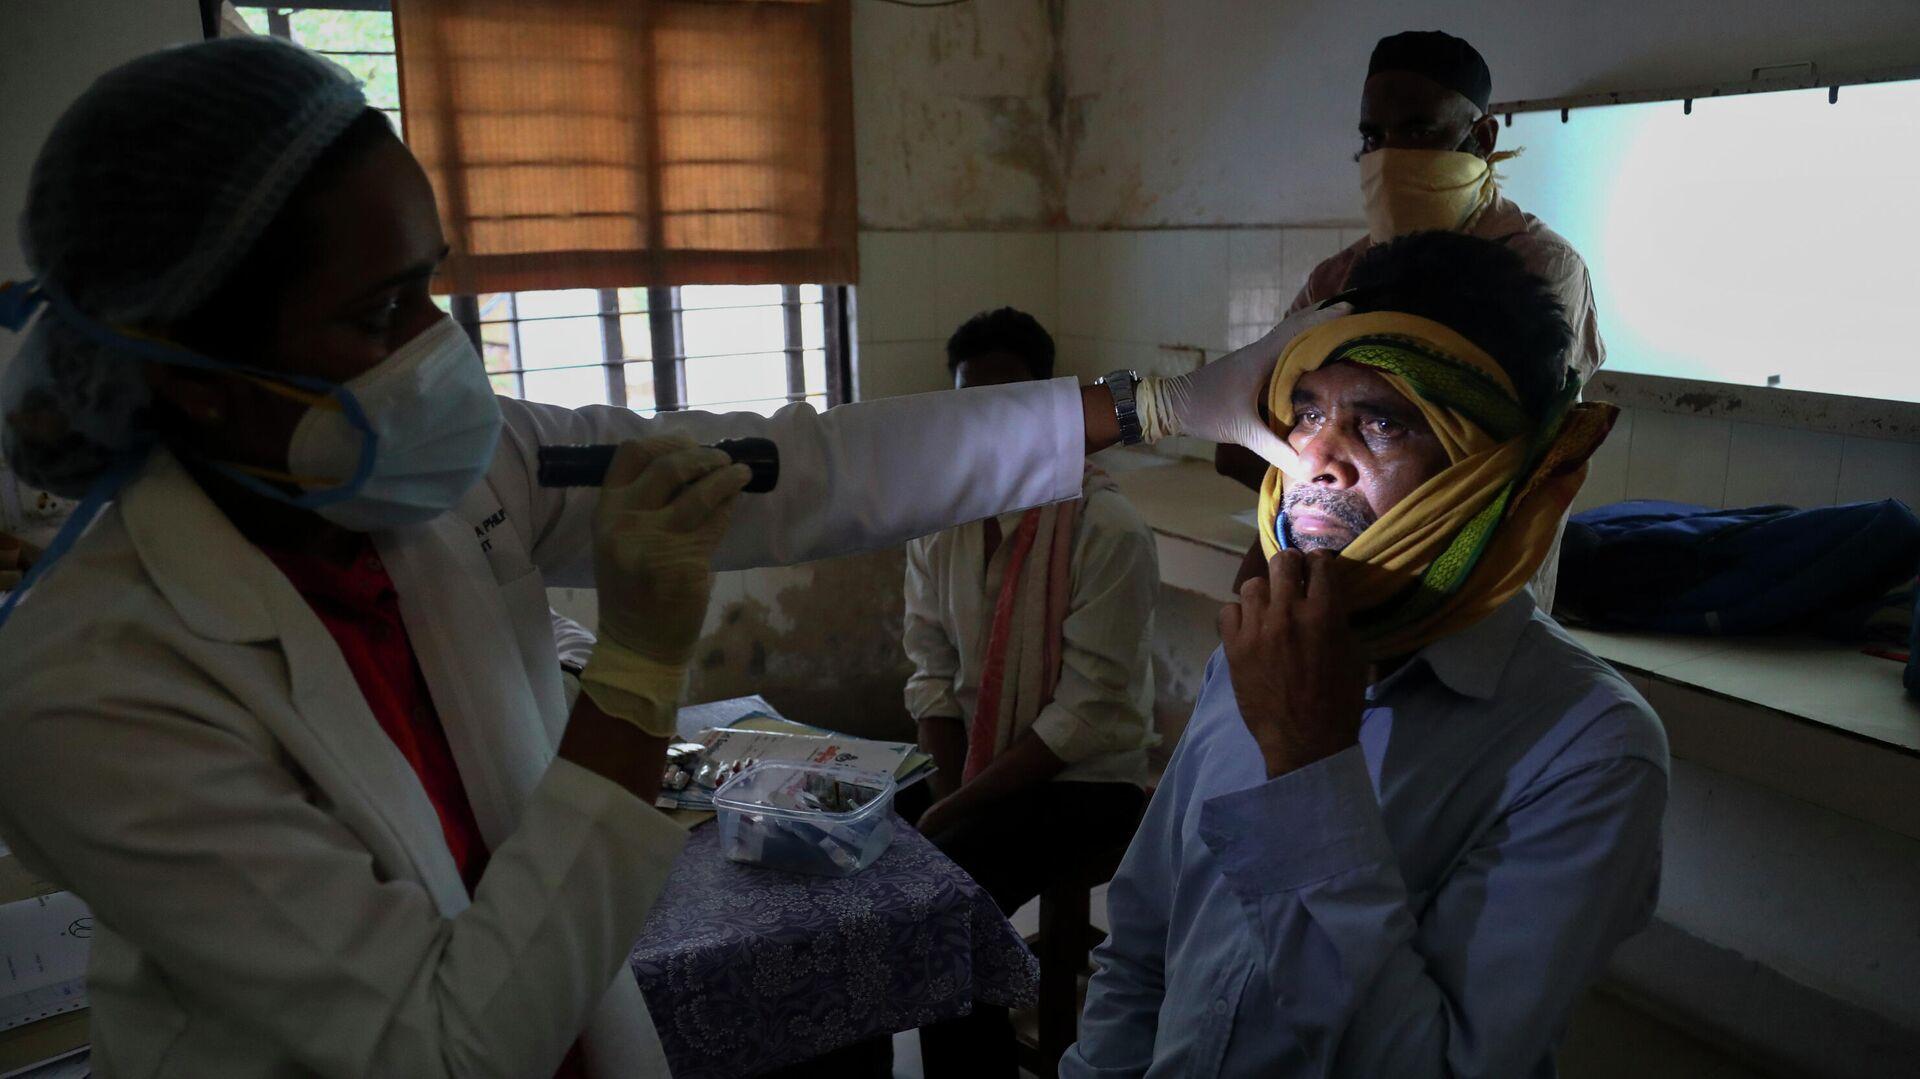 Врач осматривает человека, инфицированного черным грибком в отделении мукормикоза государственной больницы Хайдарабаде в Индии - РИА Новости, 1920, 31.05.2021